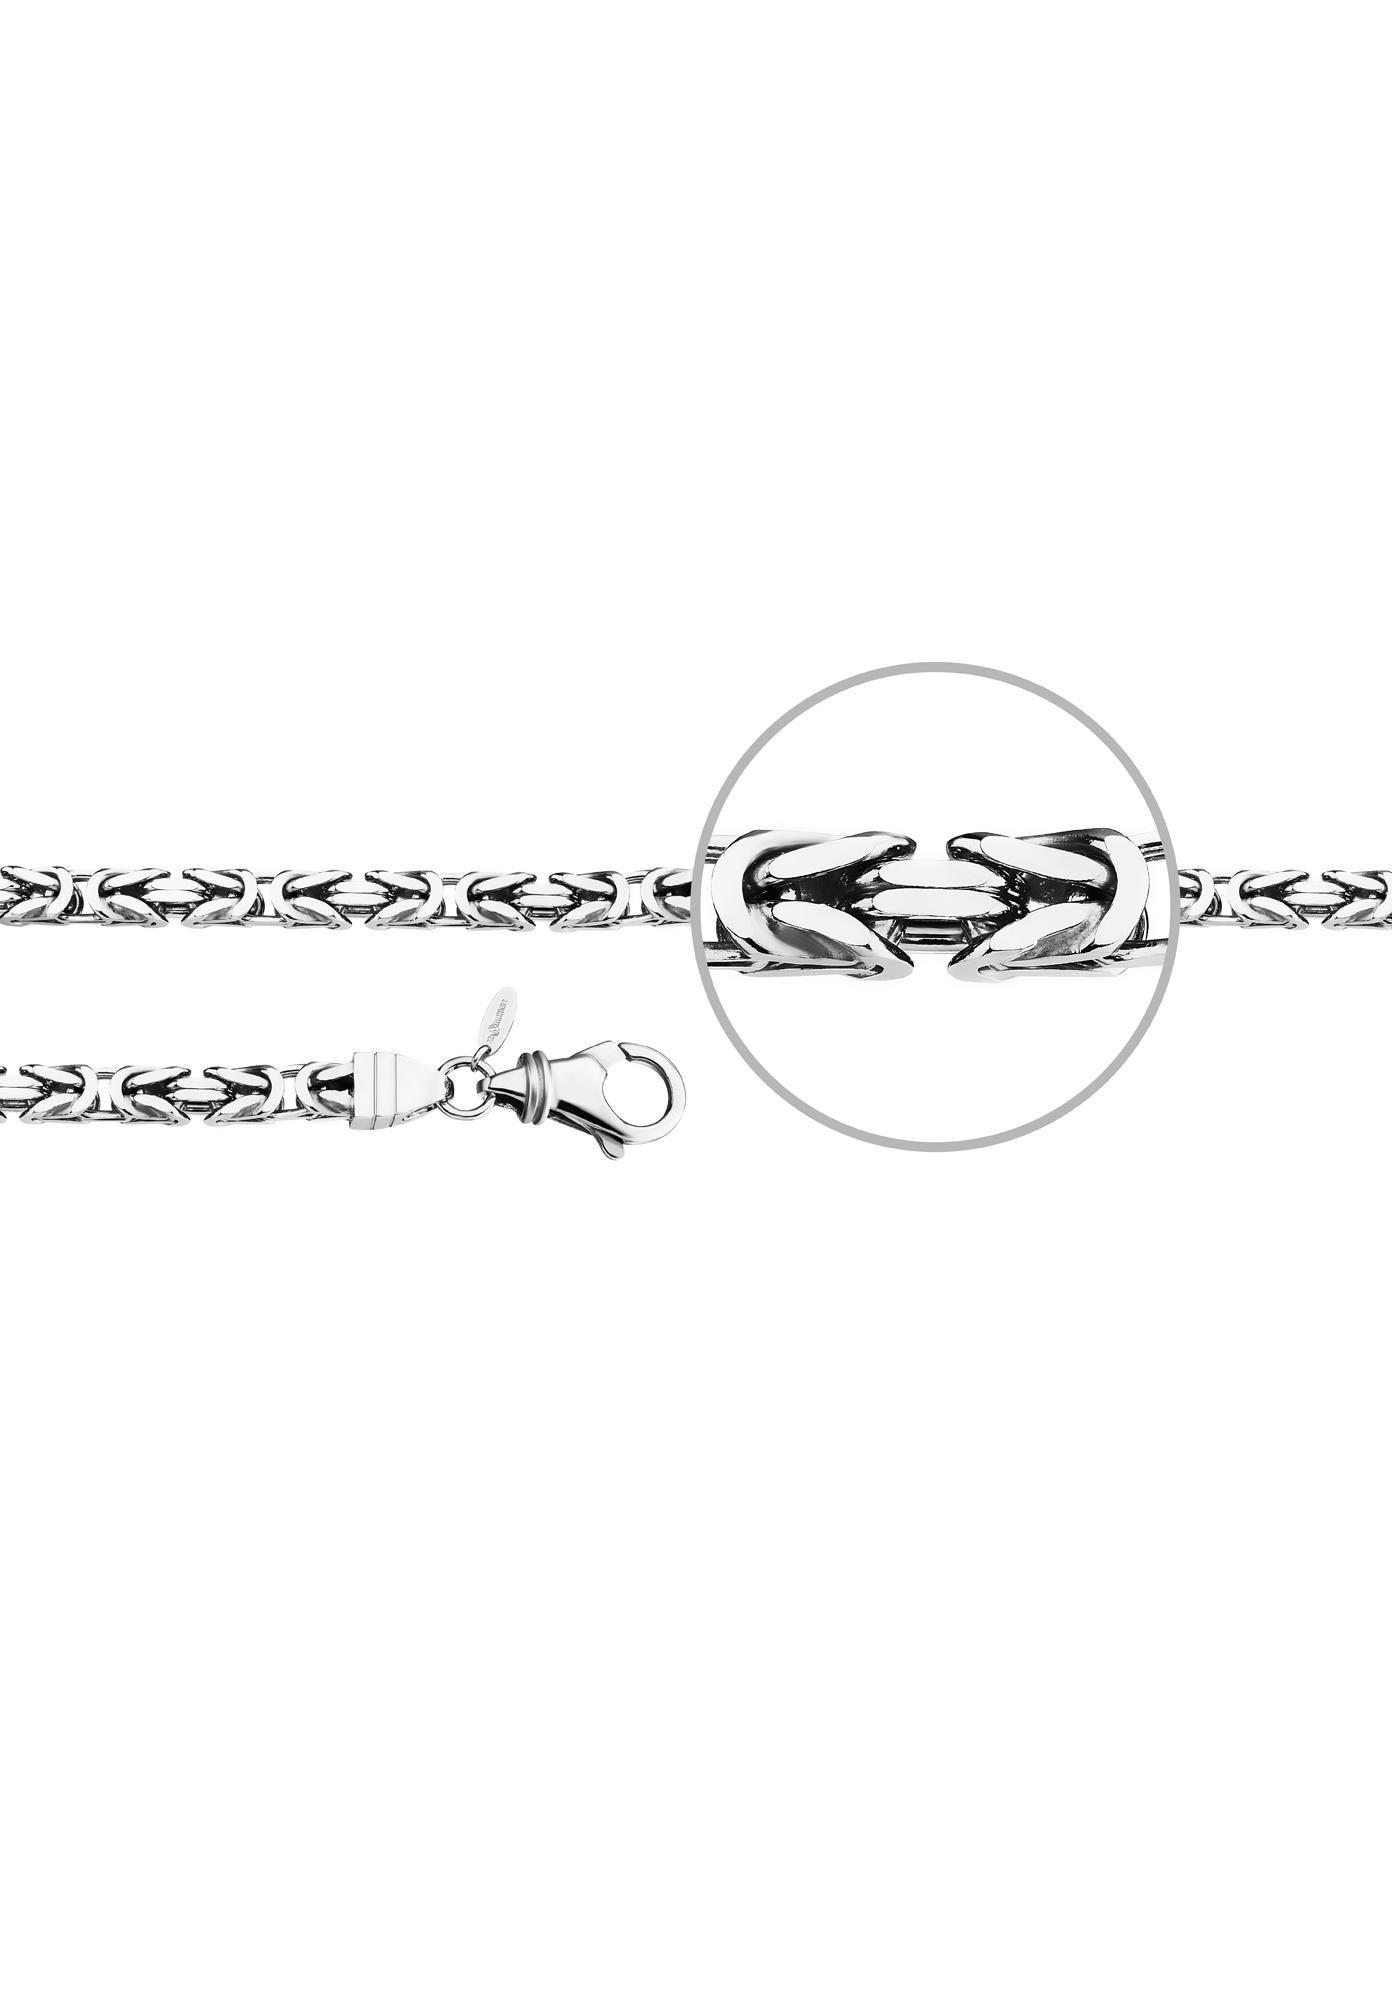 Der Kettenmacher Königsarmband »KÖ5-21S, KÖ5-23S« | Schmuck > Armbänder > Königsarmbänder | Silberfarben | DER KETTENMACHER